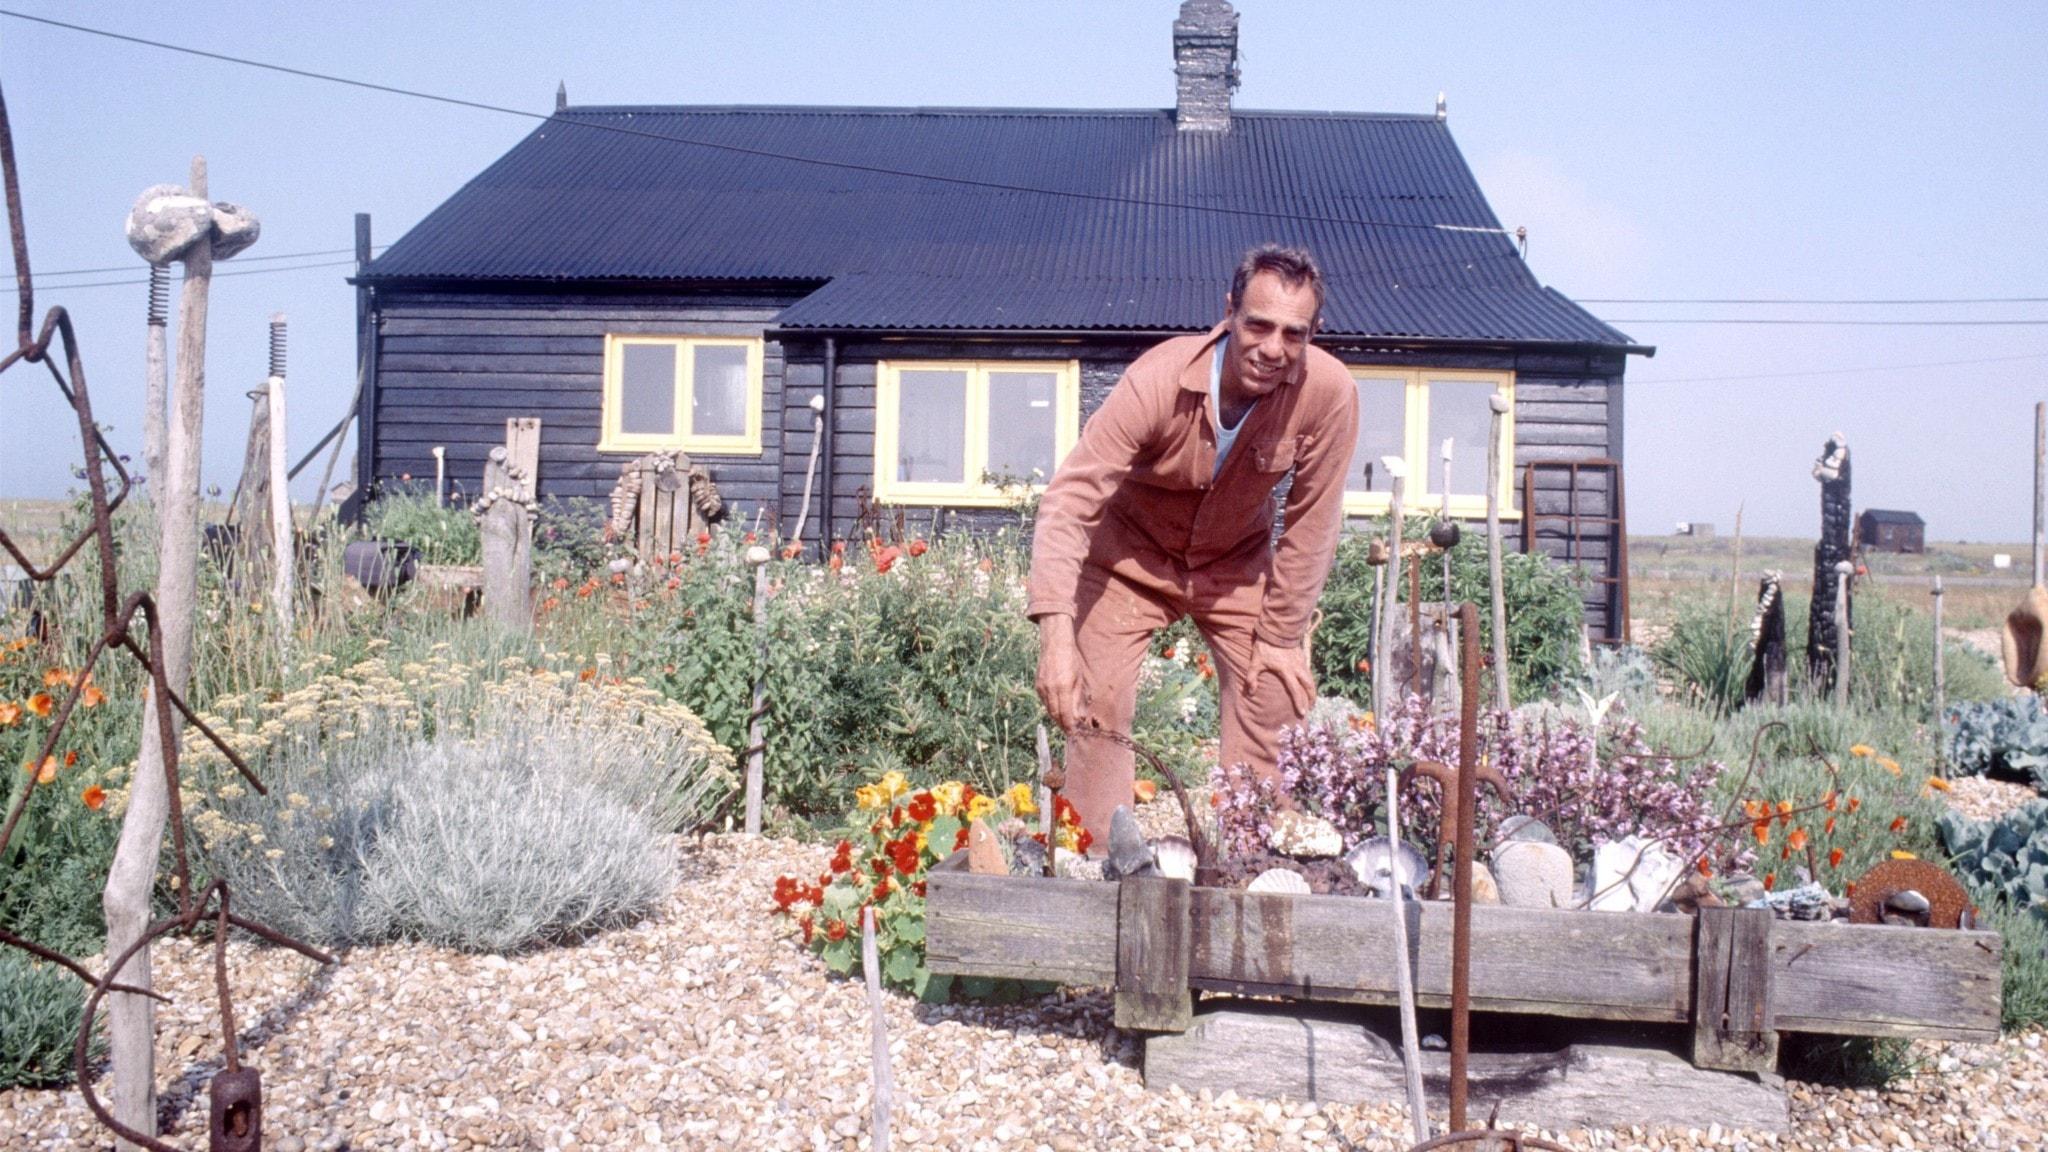 Filmregissören, författaren och konstnären Derek Jarman i sin trägård vid Prospect Cottage på Dungeness i England.